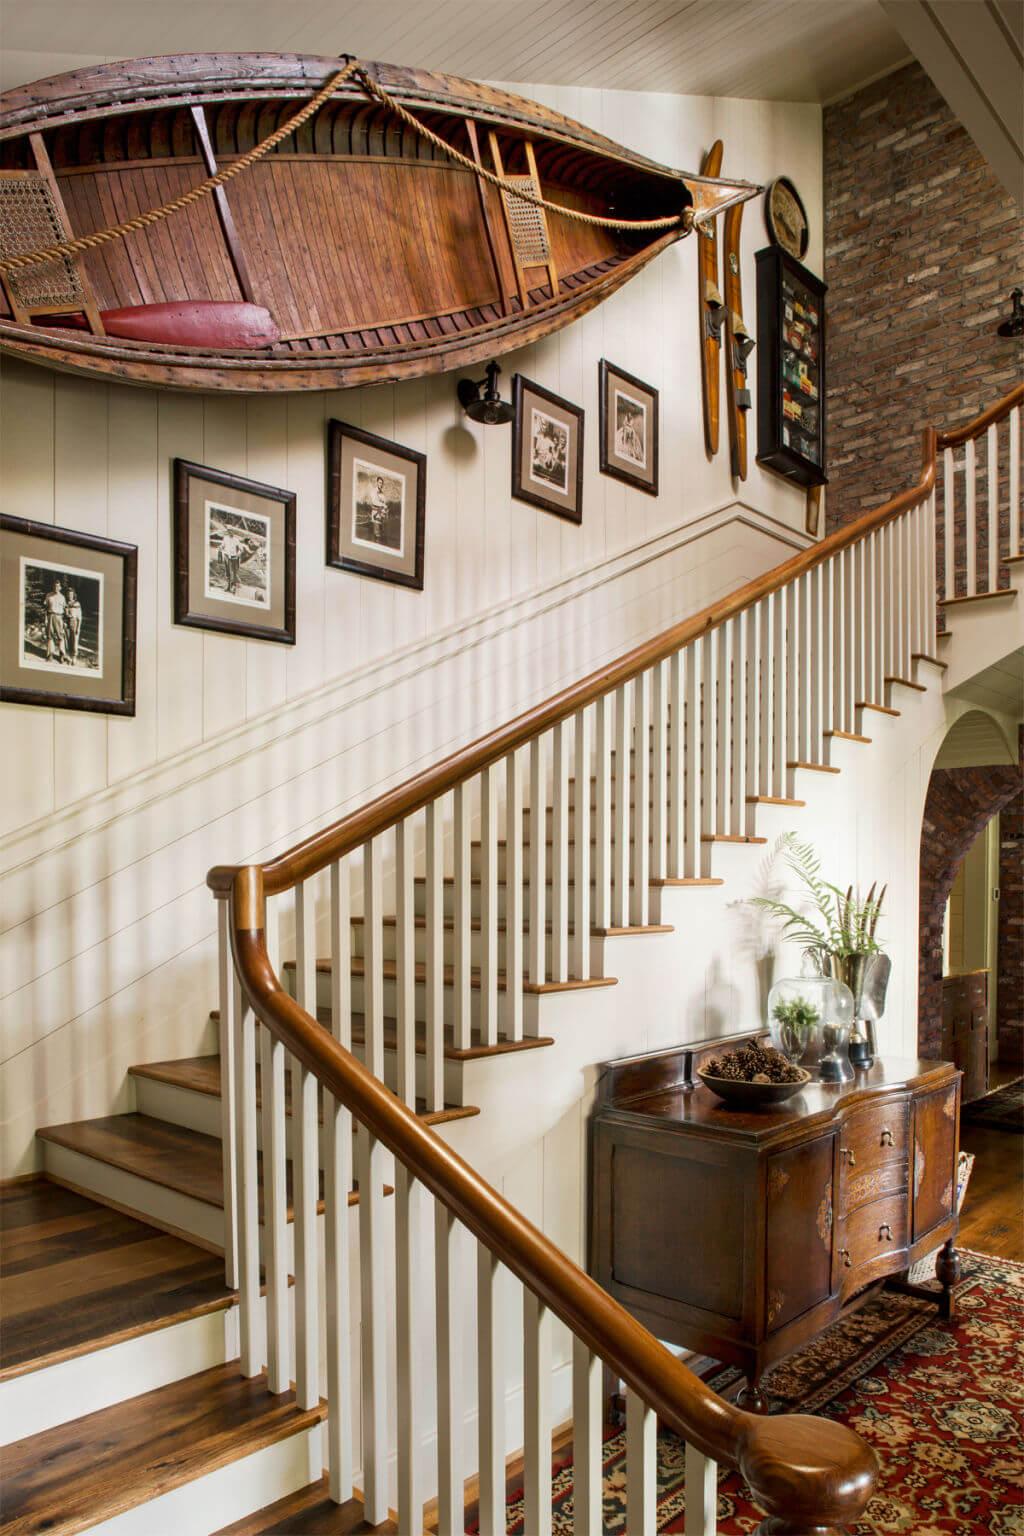 trang trí cầu thang bằng ảnh kỷ niệm